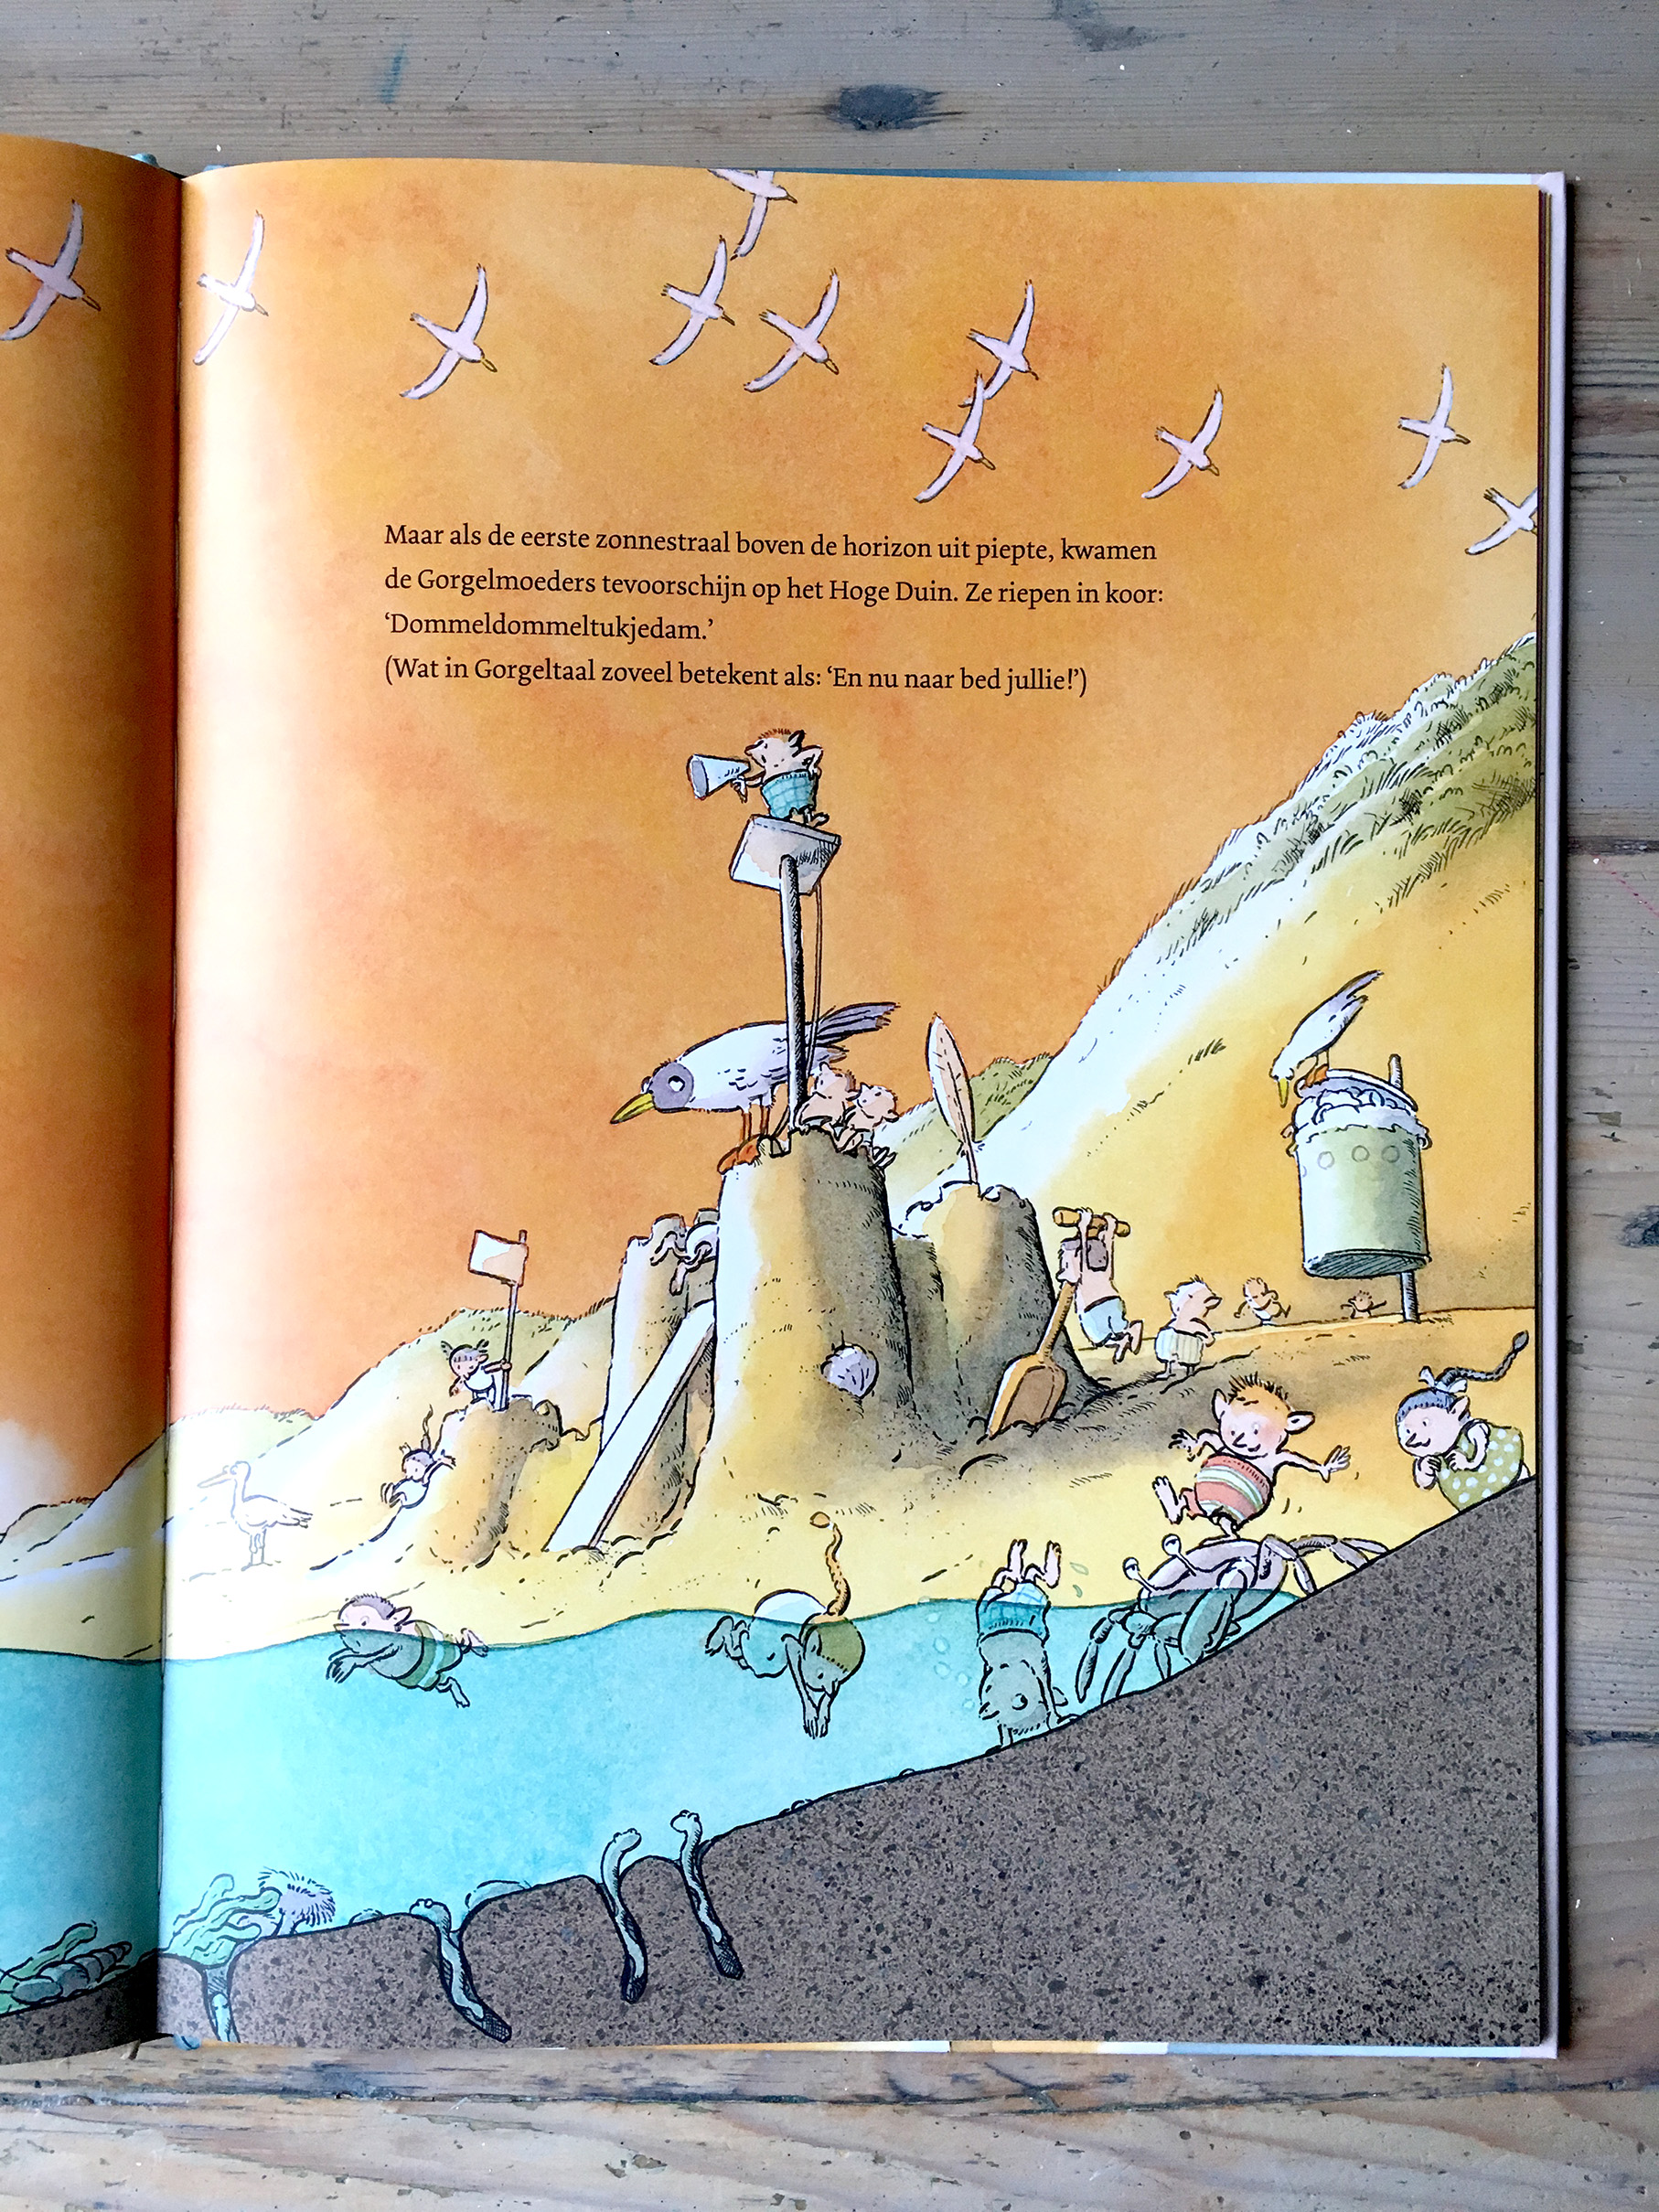 Wereld van de gorgels jochem myjer somoiso hanneke van der meer boekrecensie somoiso de - De thuisbasis van de wereld chesterfield ...